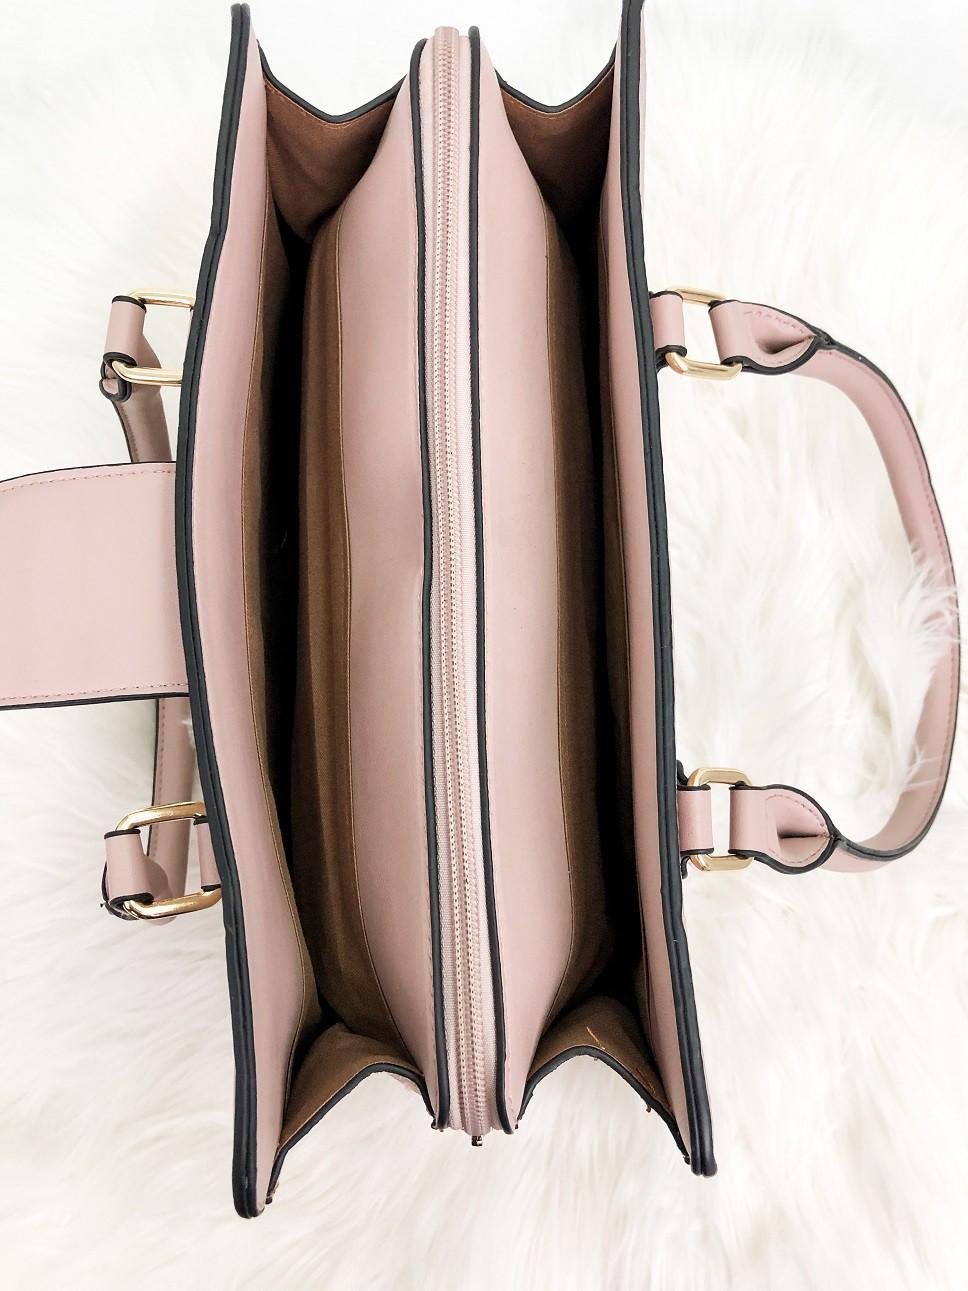 Bolsa Alça De Ombro Santino PU Texturizado Renda - Nude